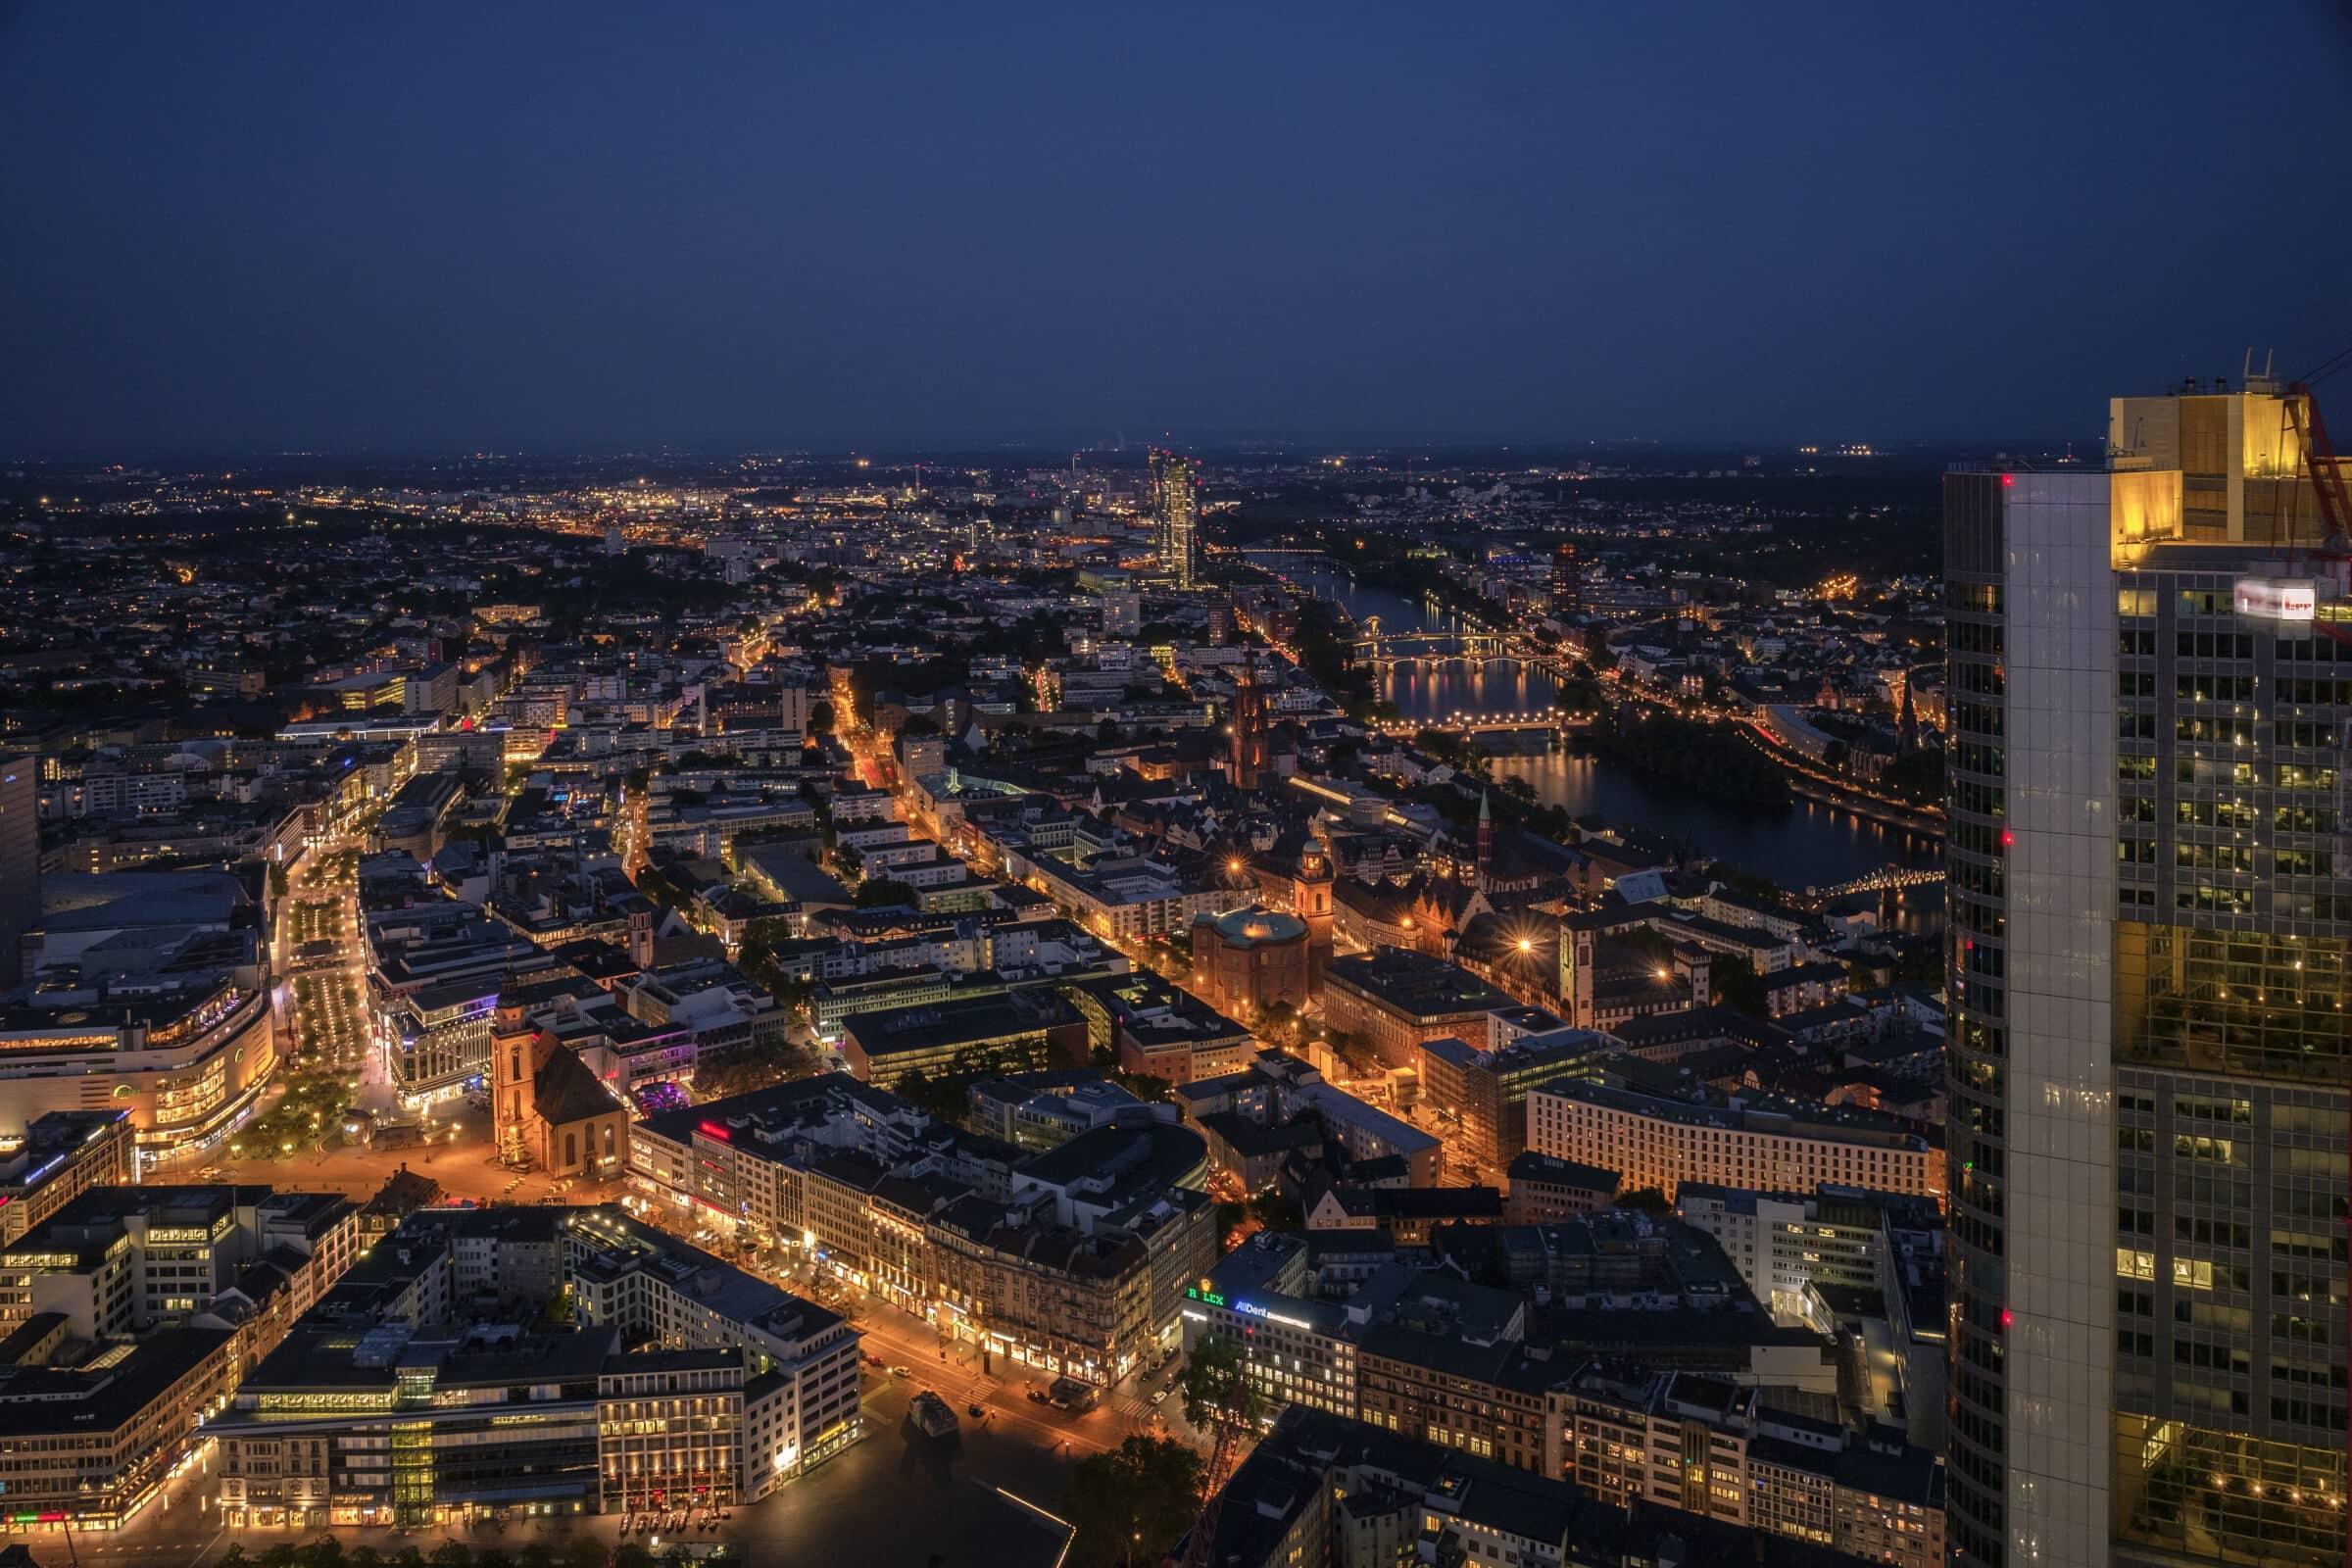 Silvester Frankfurt